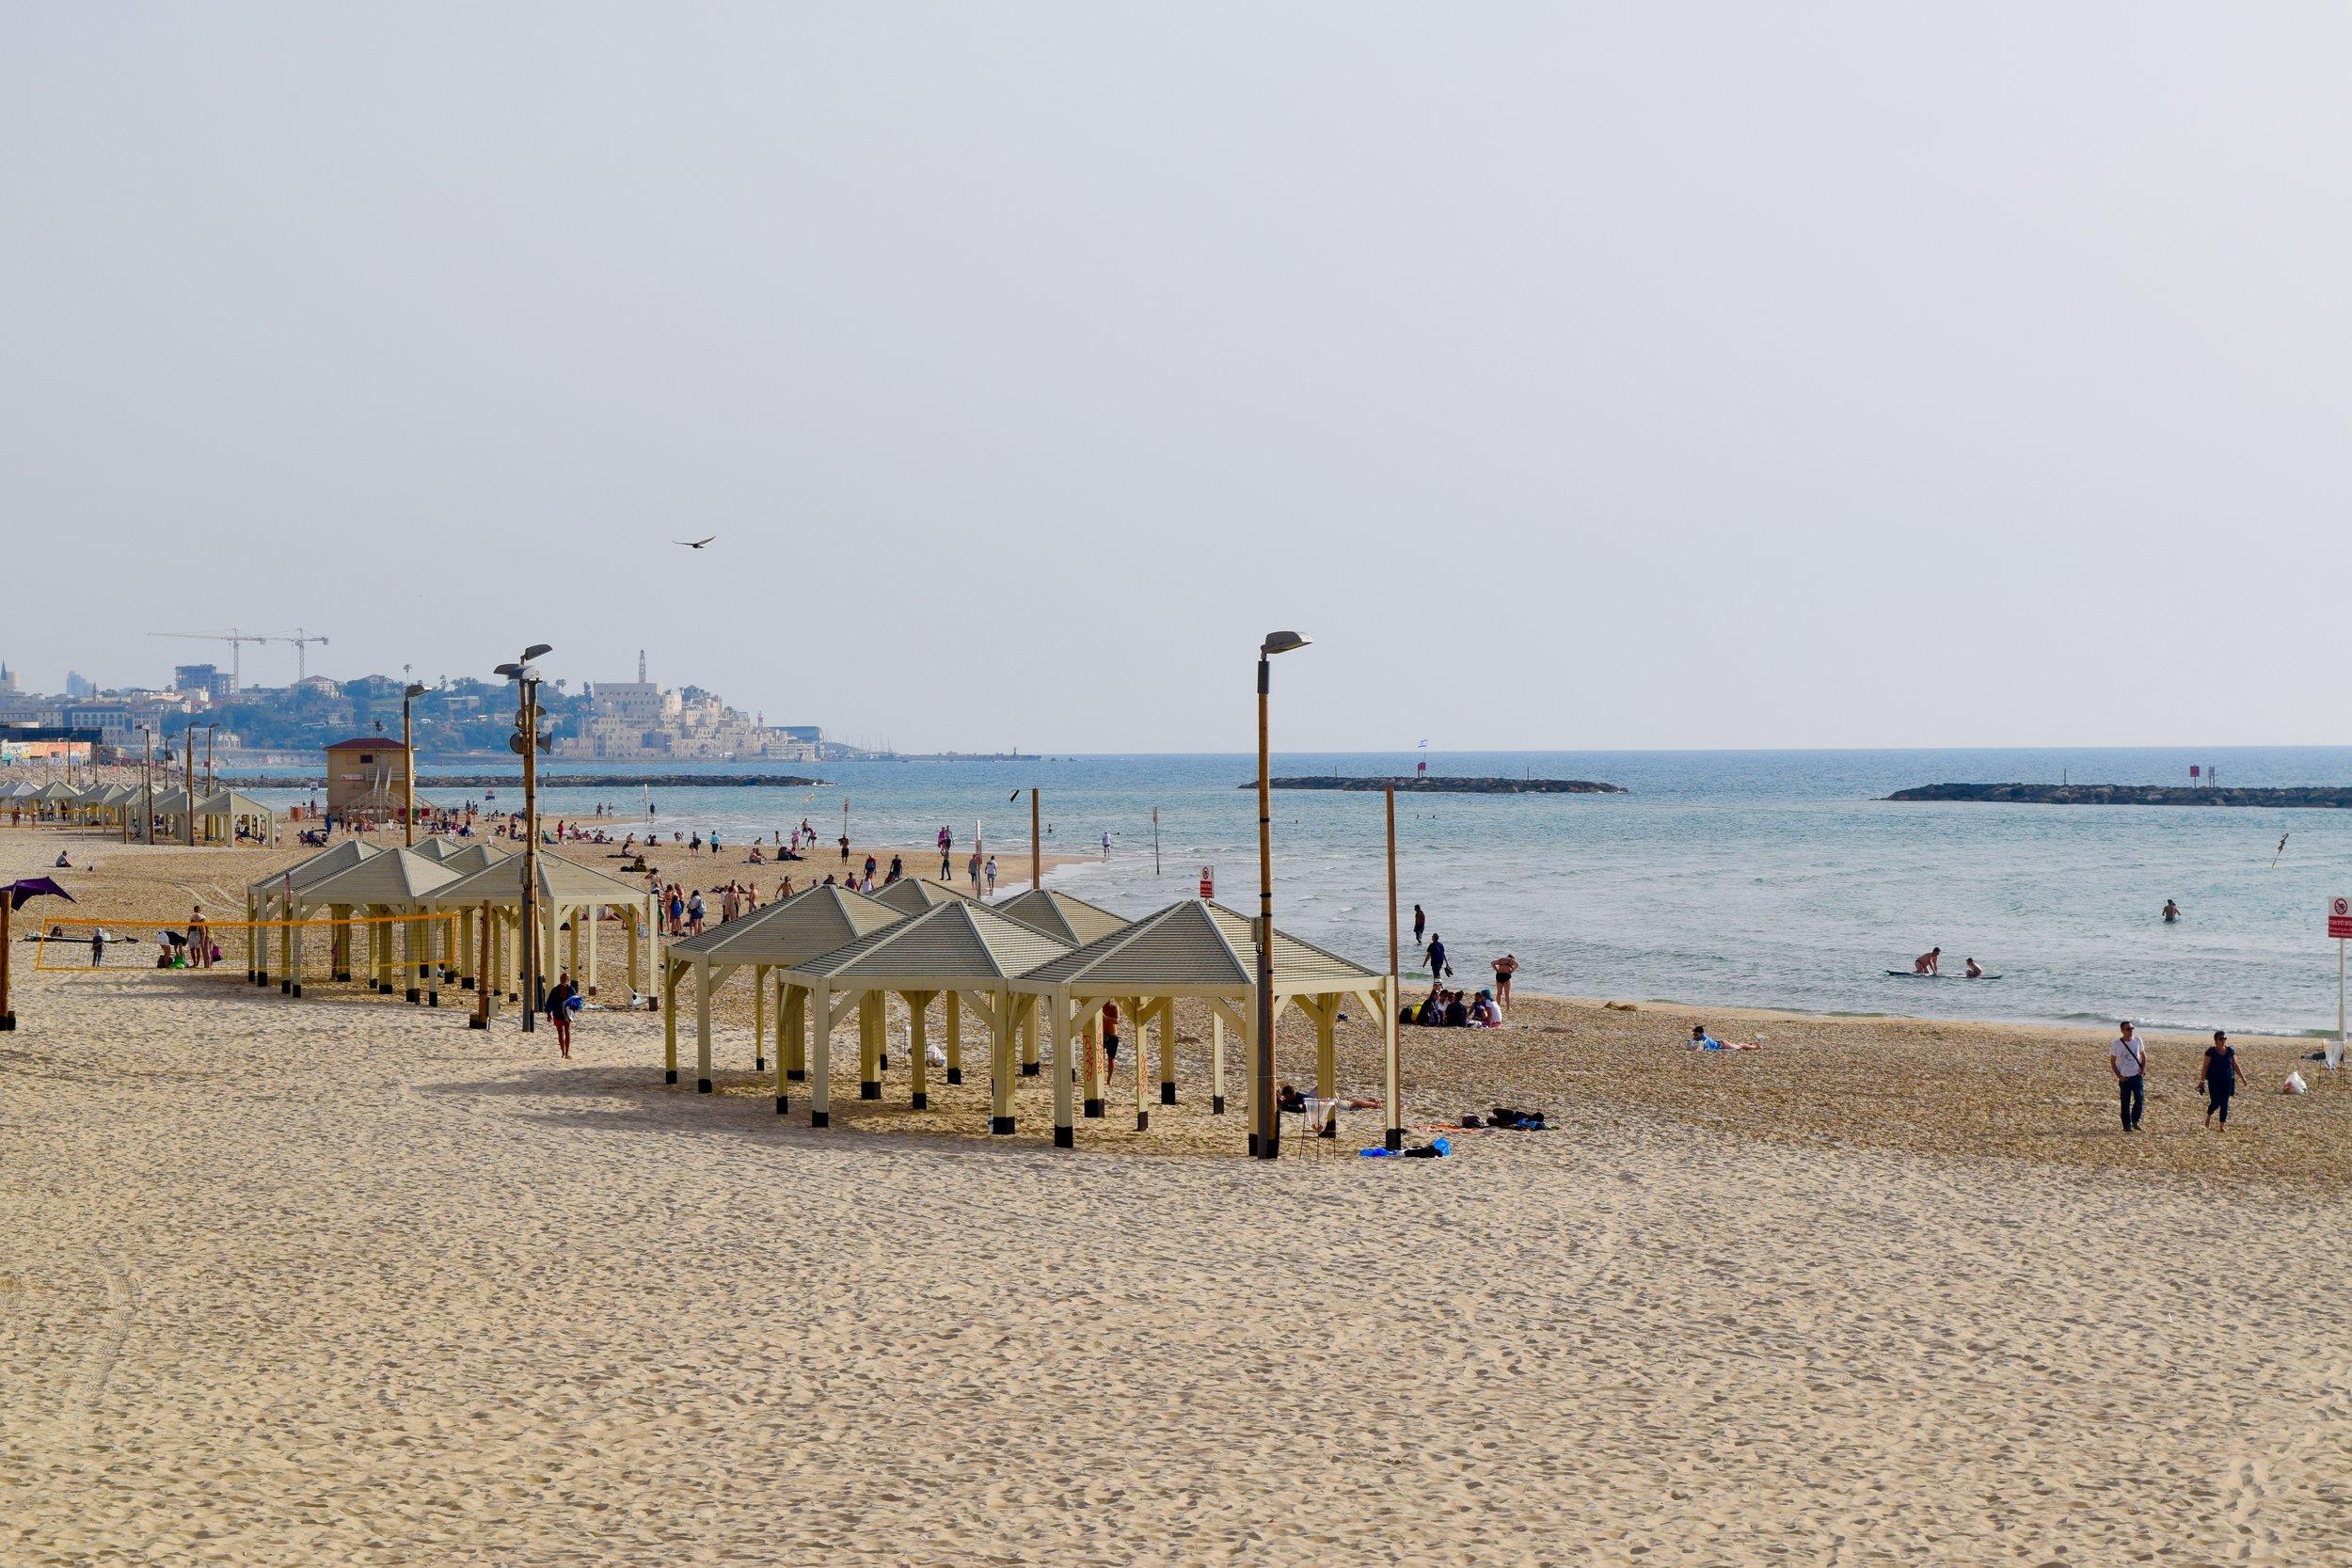 Vistas de la playa de Tel Aviv con Jaffa al fondo